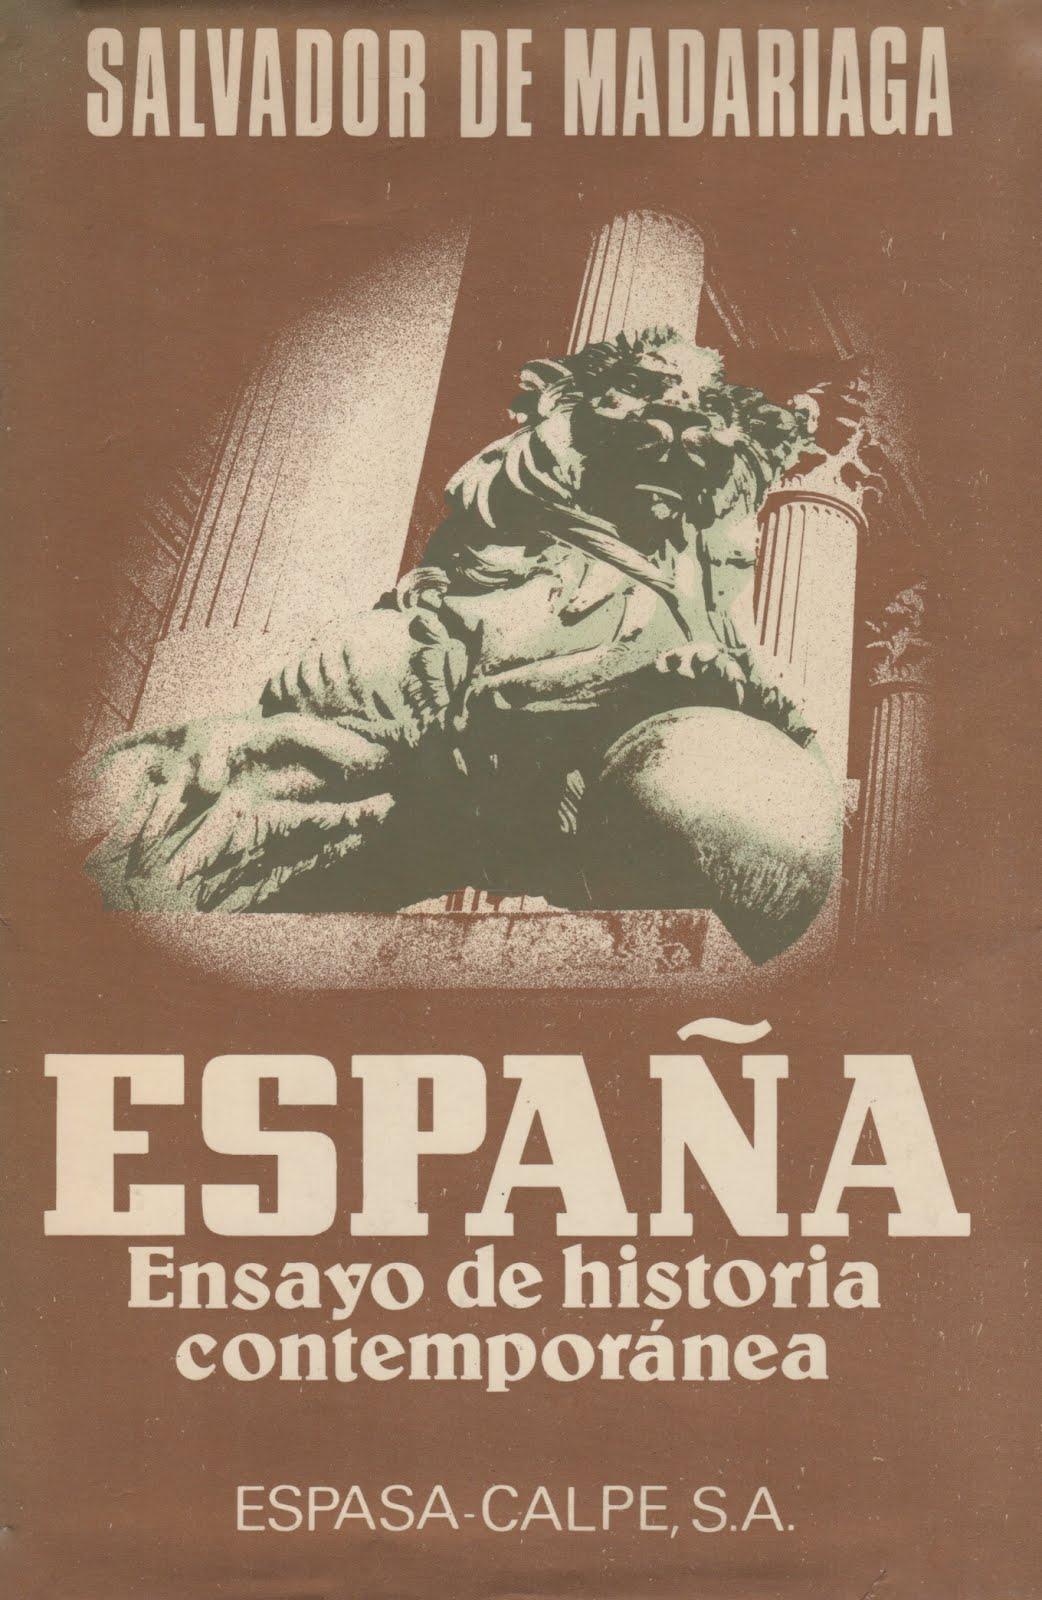 Salvador de Madariaga (España) Ensayo de historia contemporánea